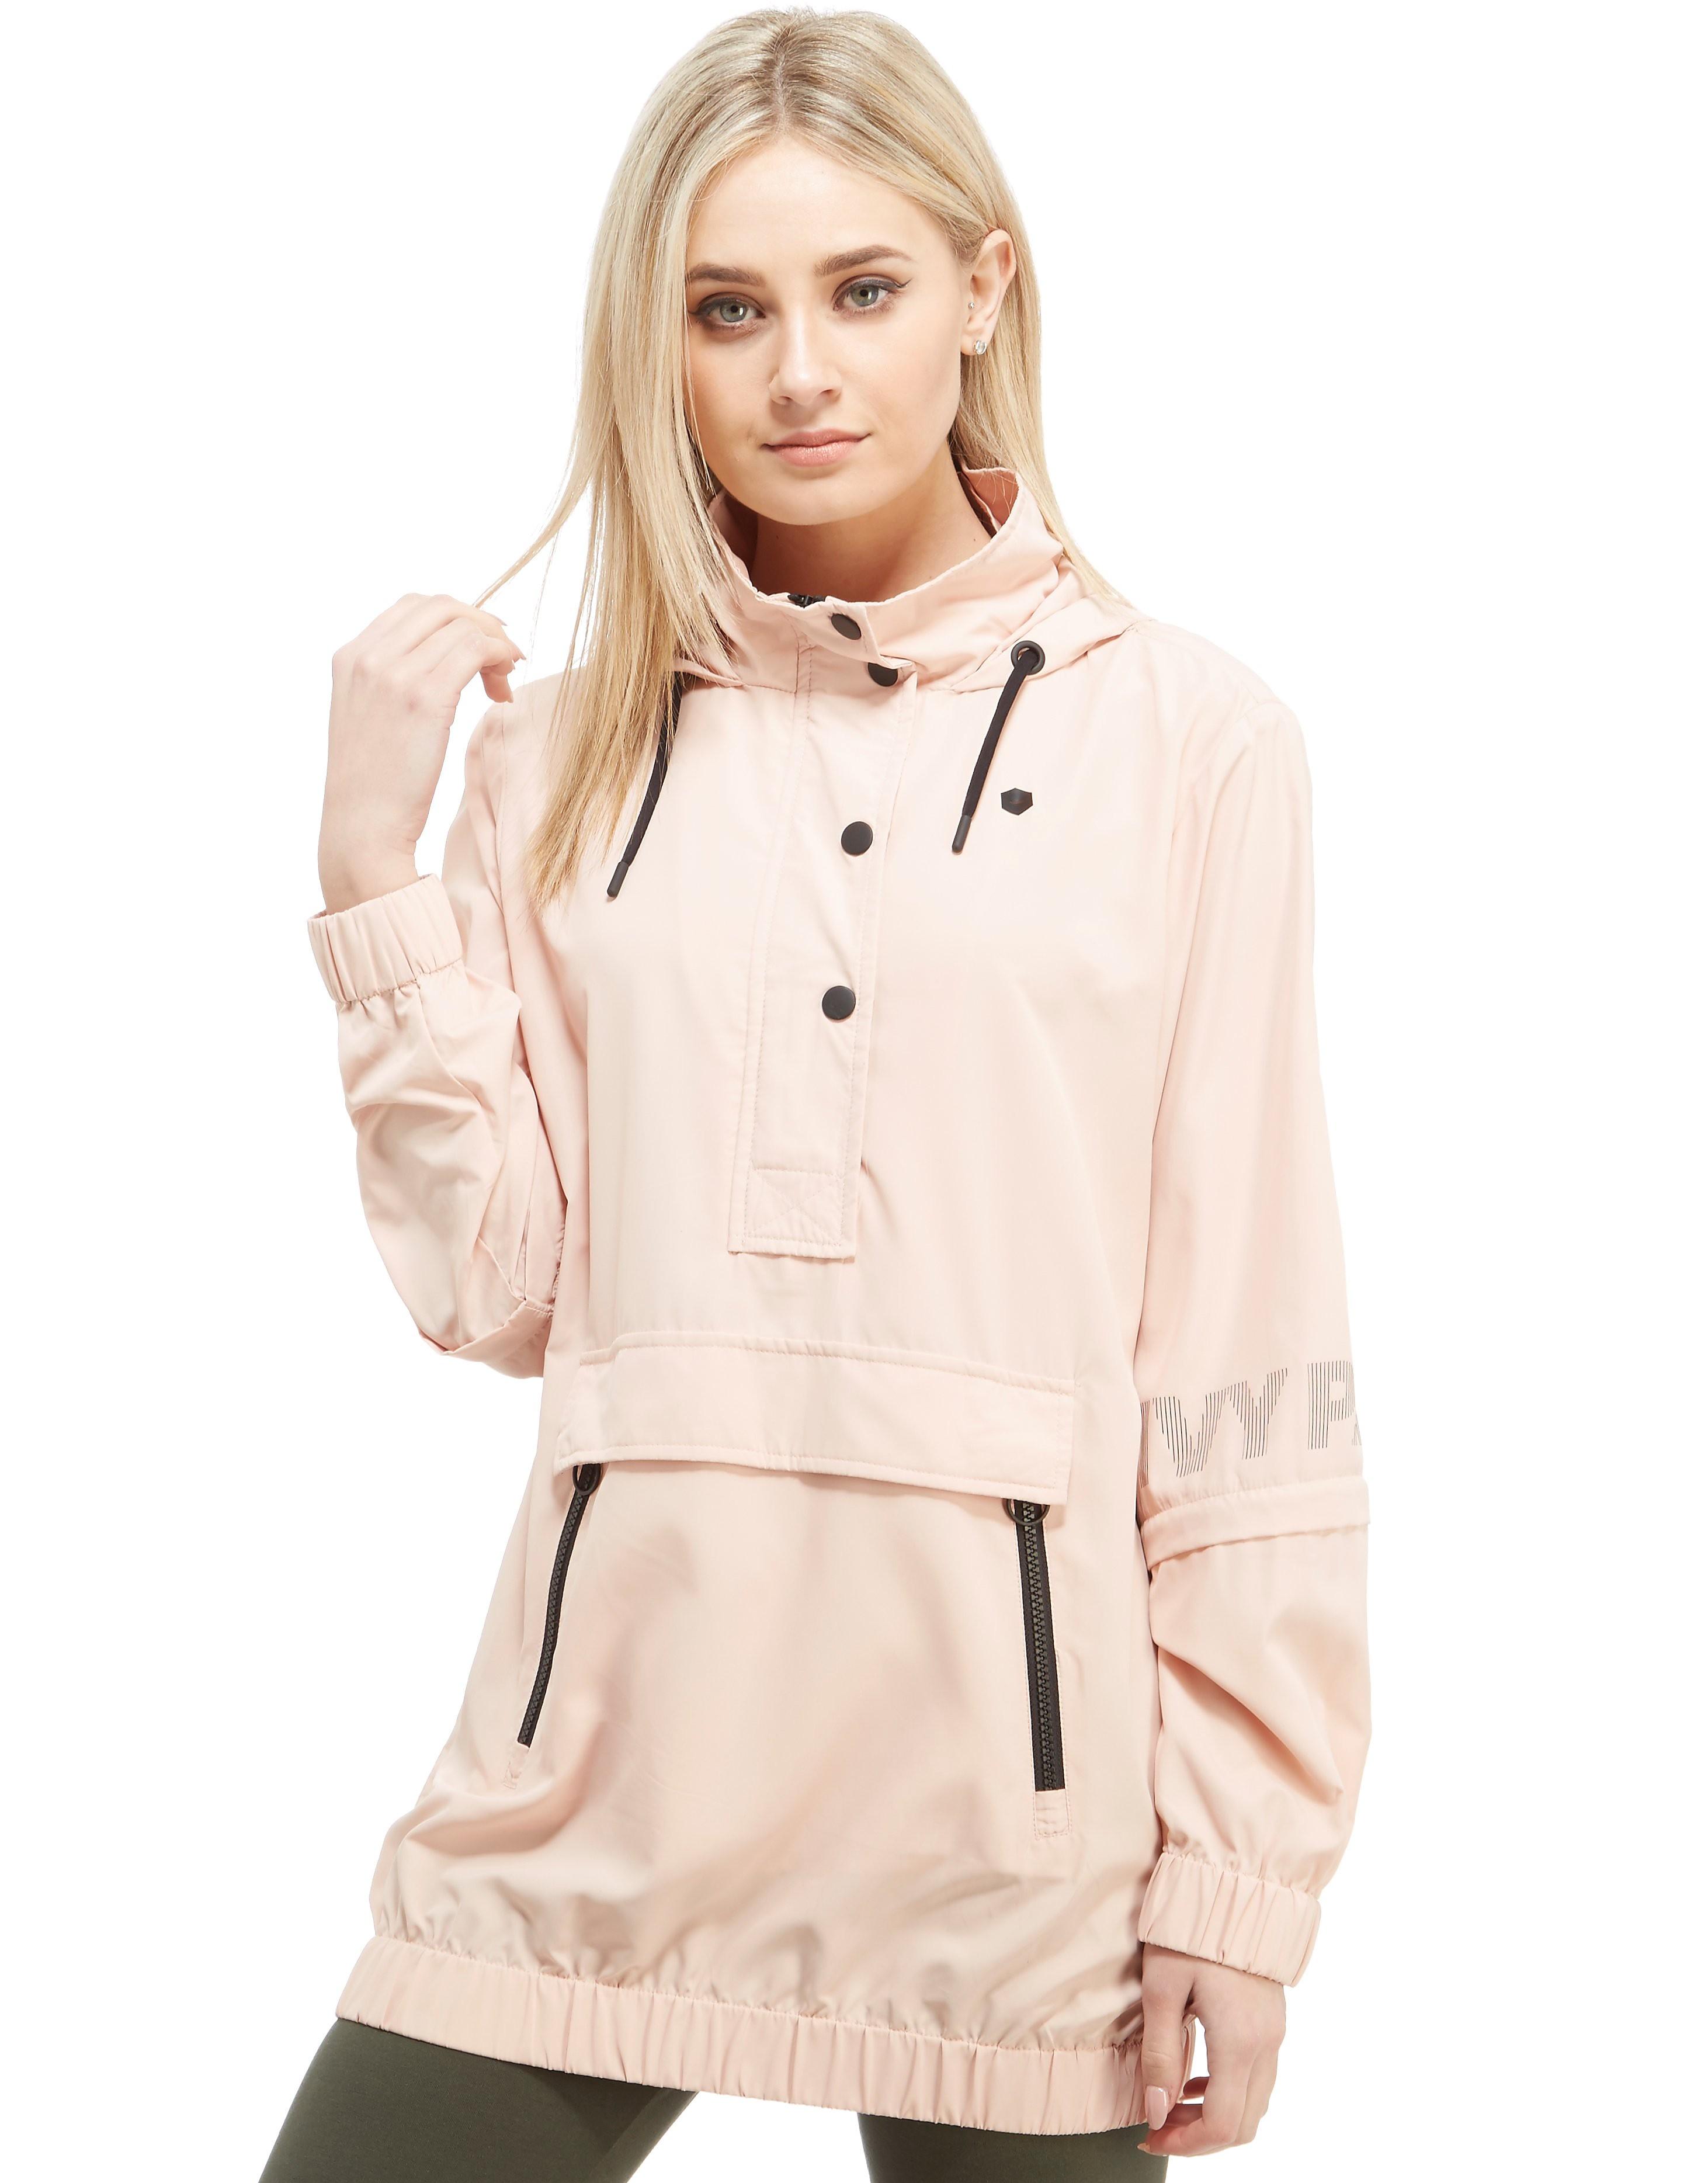 IVY PARK Zip Sleeve Jacket